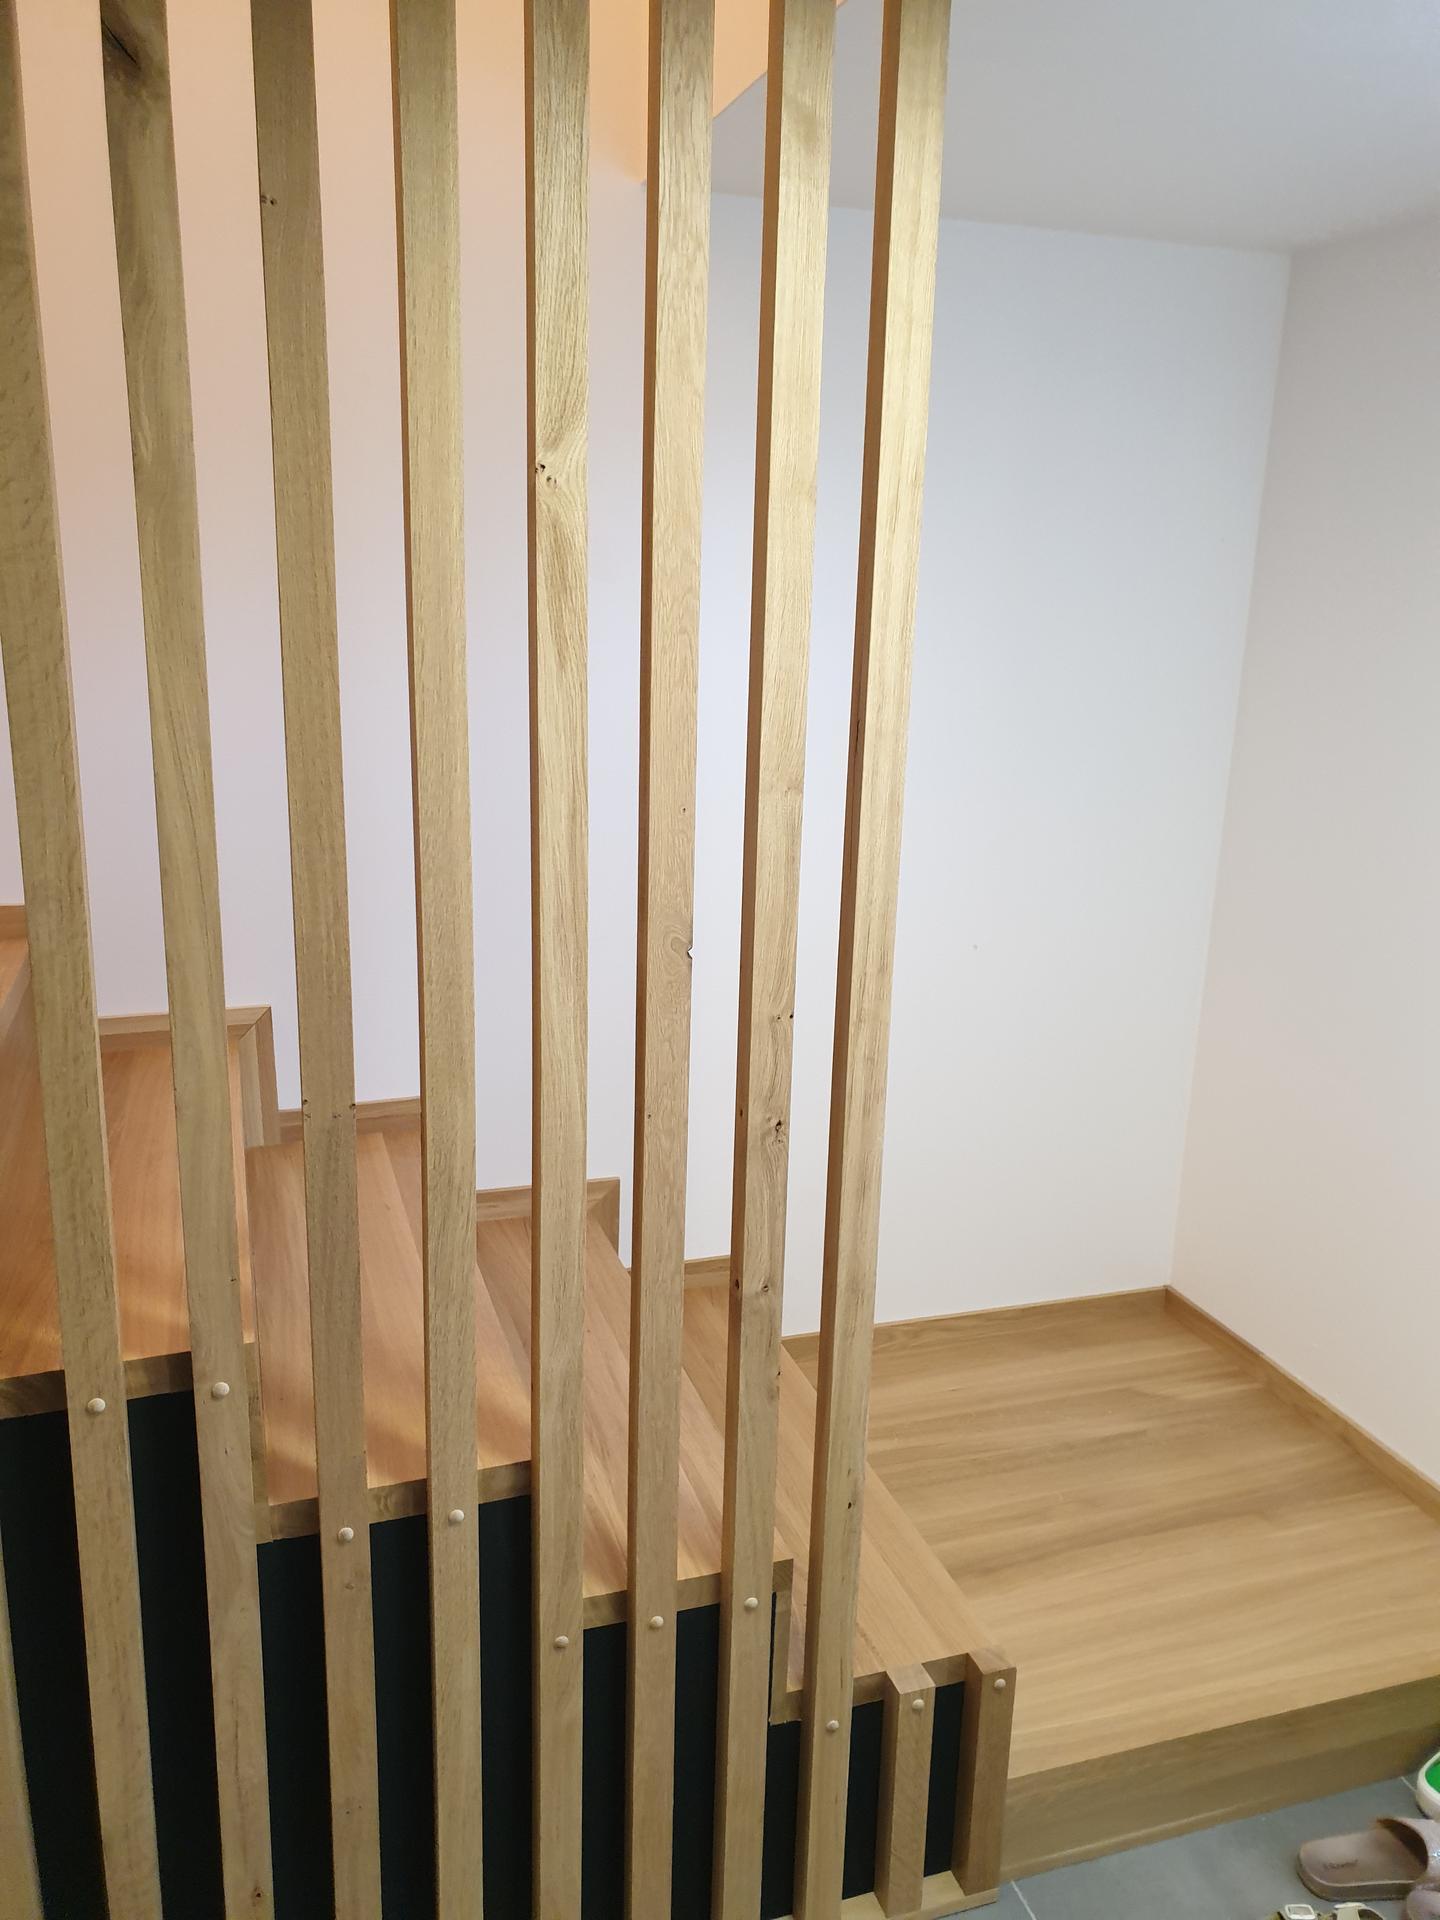 Moderné schodisko - DUB + lamely - Obrázok č. 1